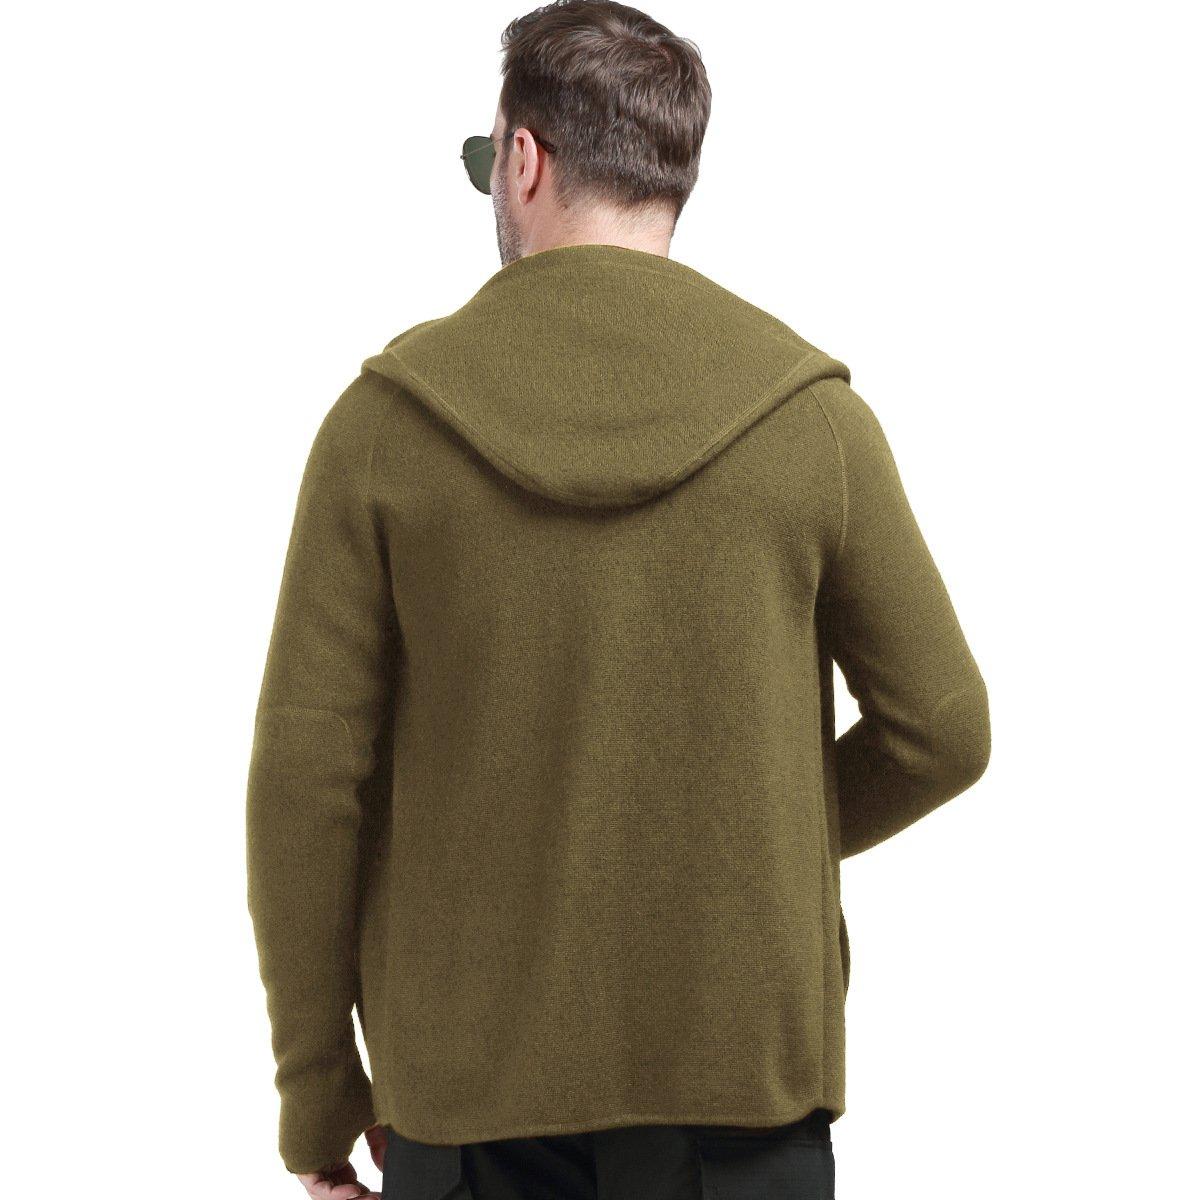 de lana t/áctica con forro polar y cremallera completa para hombre Chaqueta con capucha FREE SOLDIER